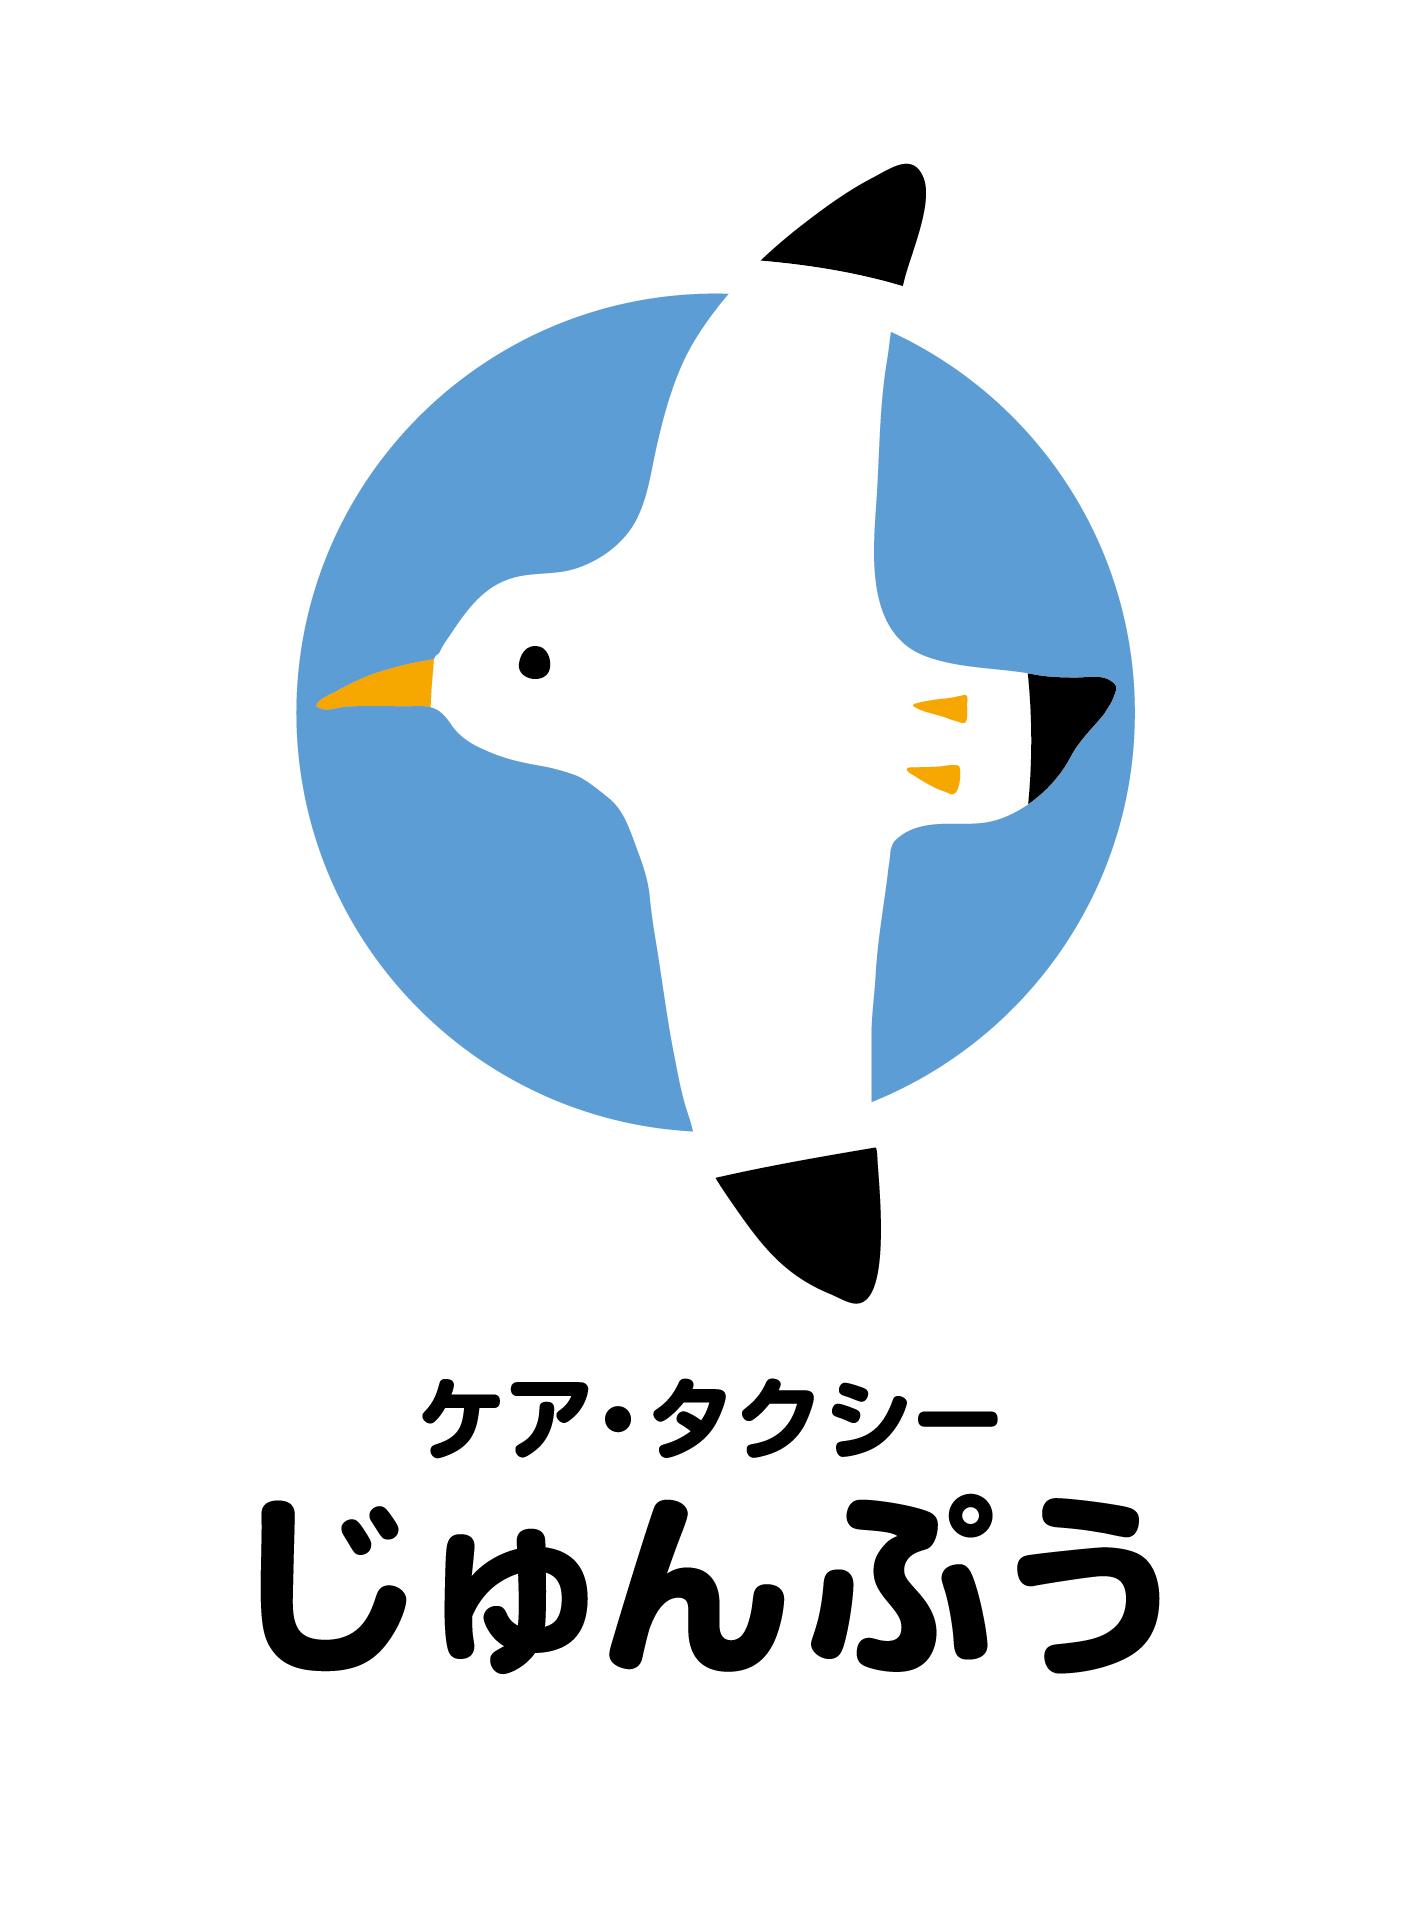 ケア・タクシーじゅんぷう